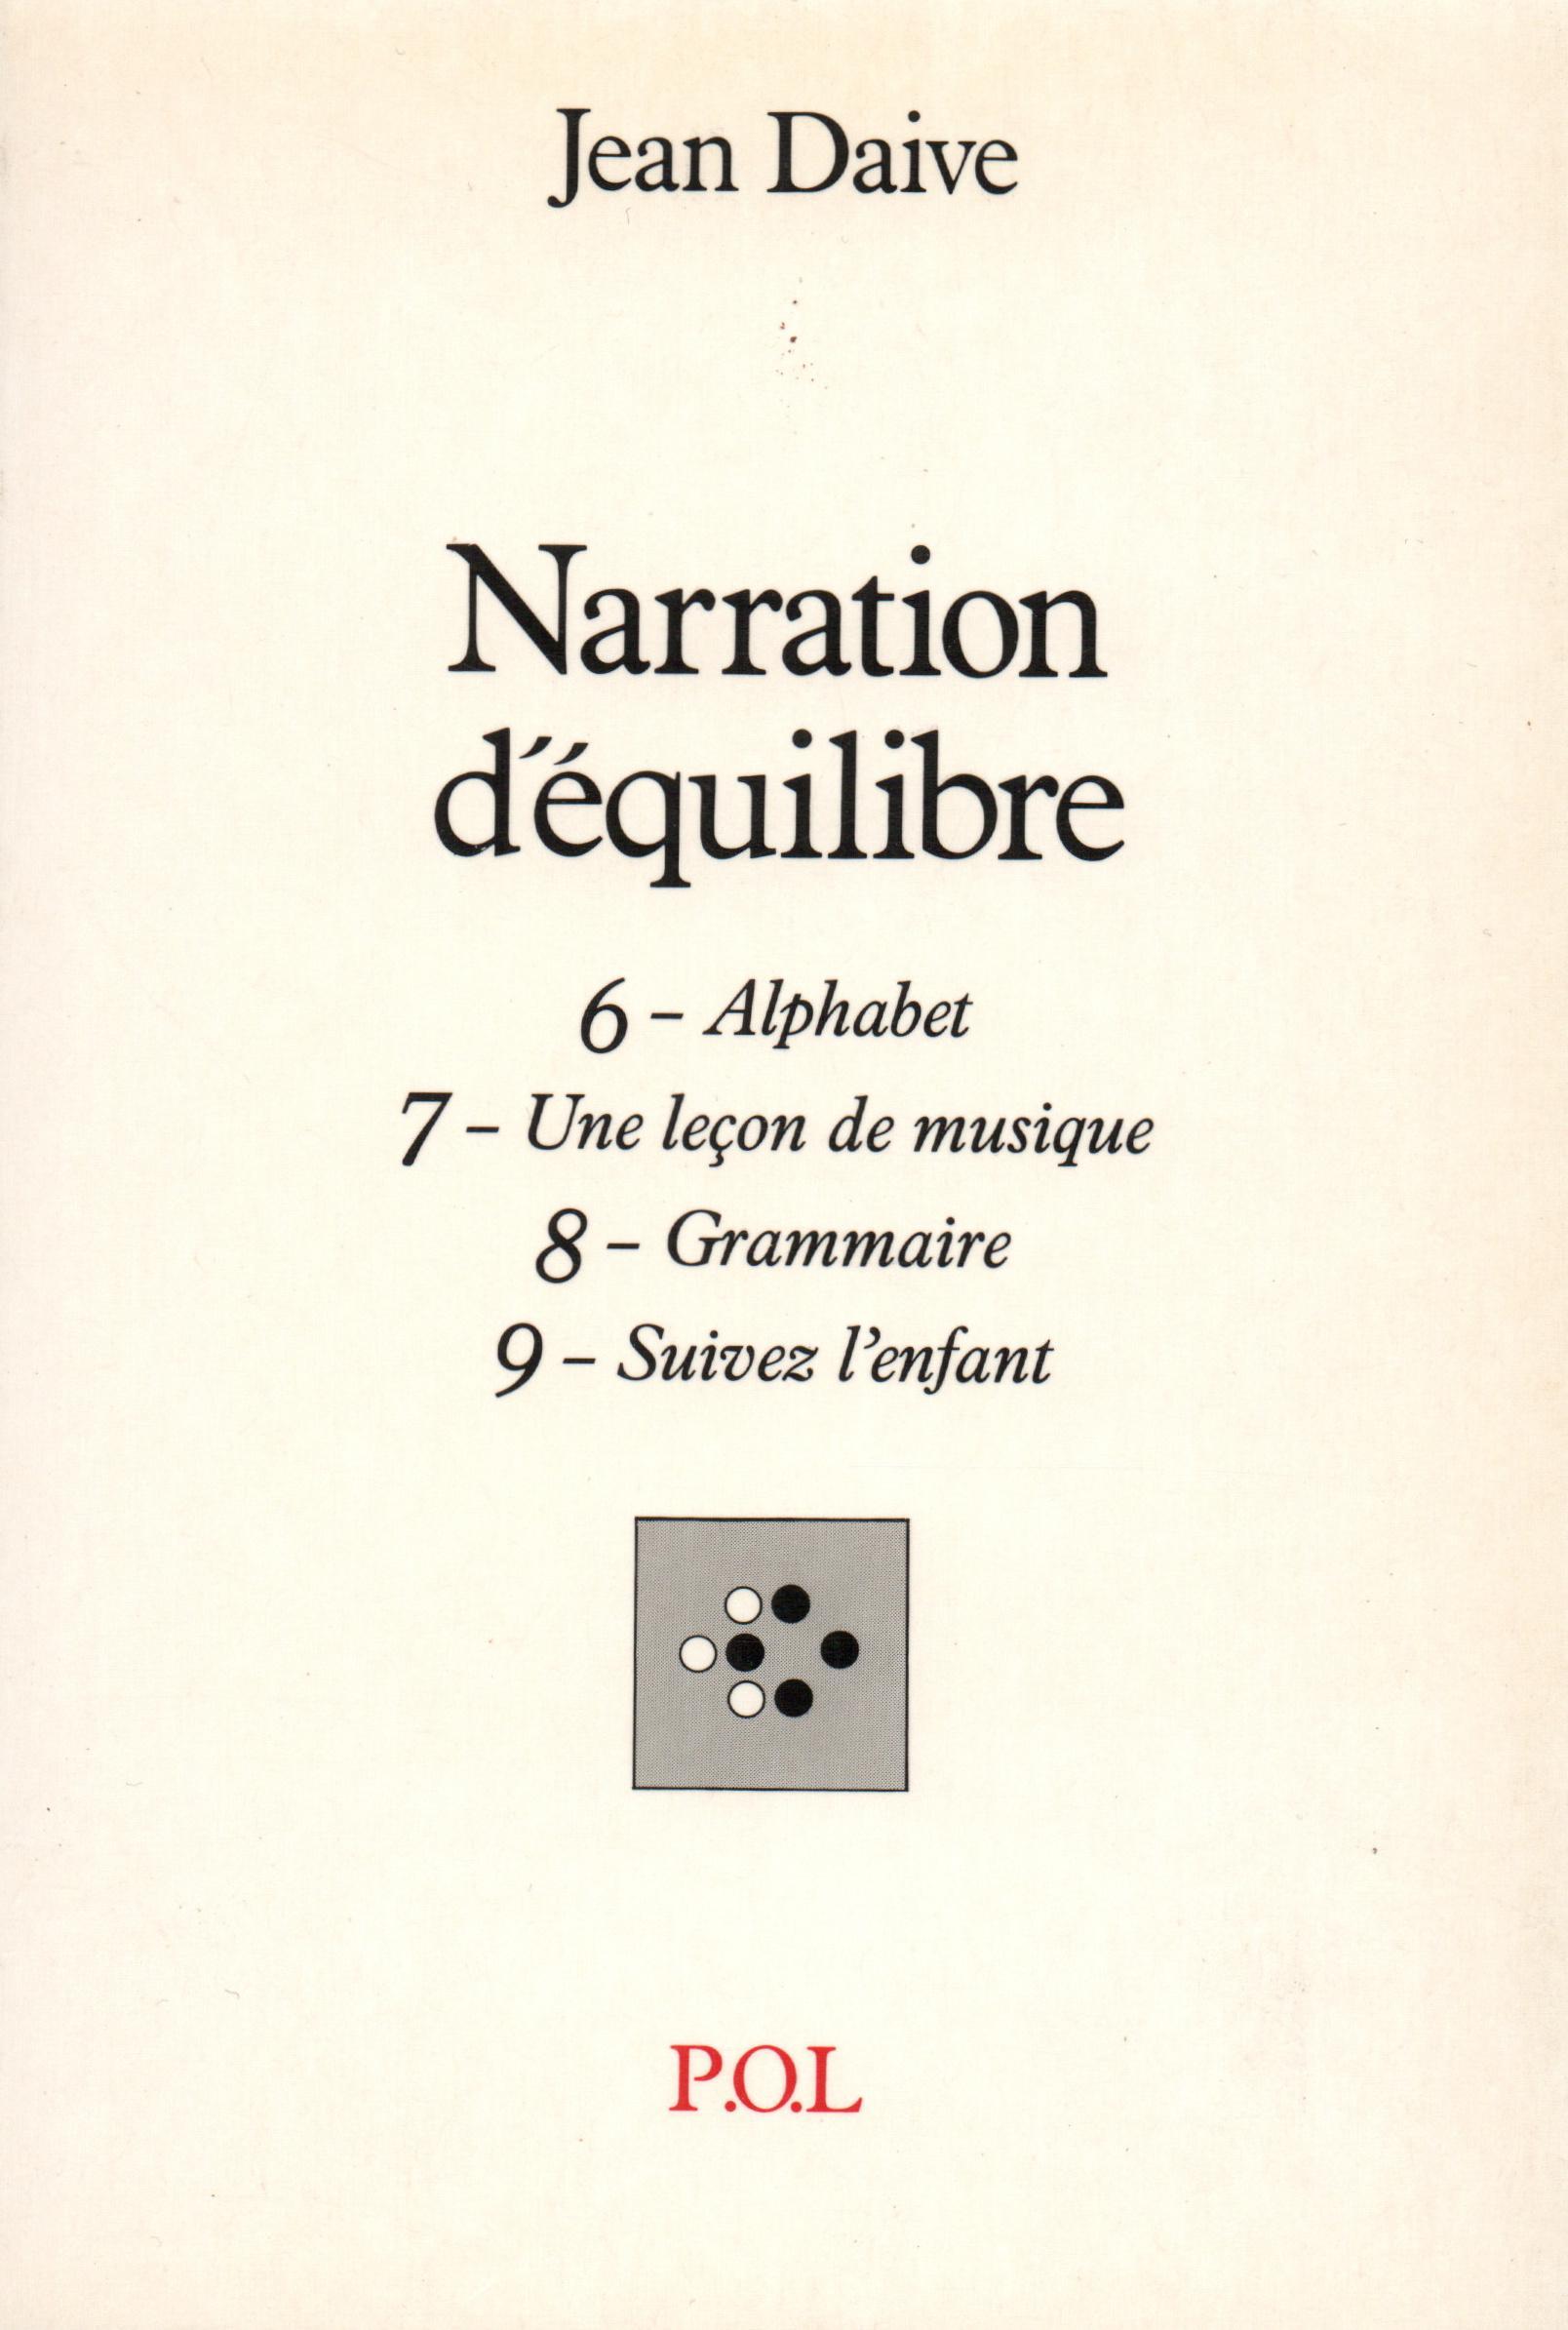 Narration d'équilibre VI, VII, VIII, IX